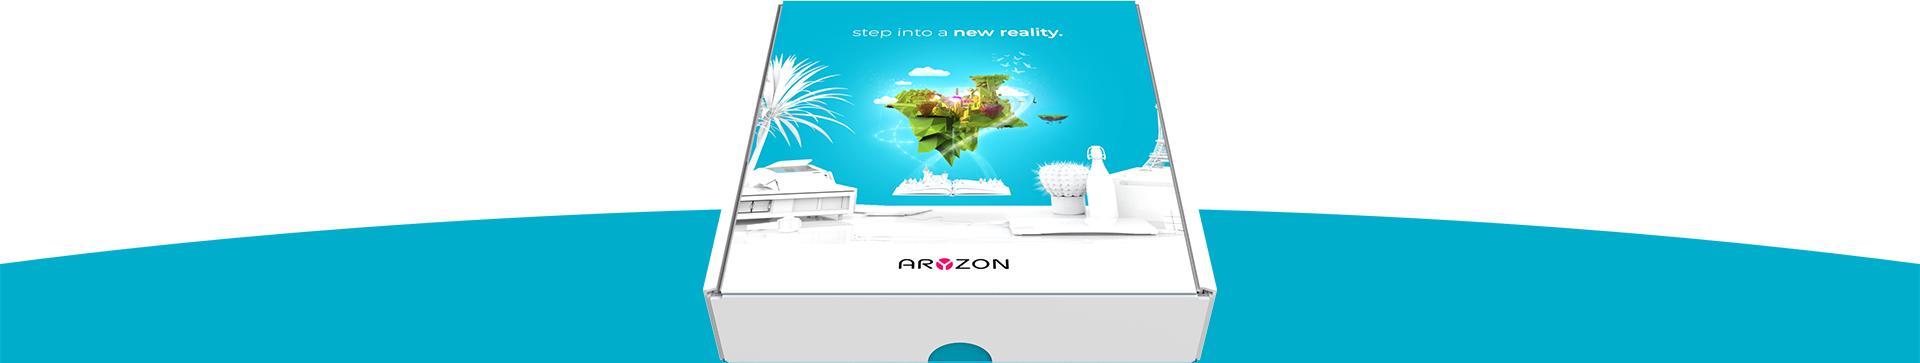 Aryzon Box